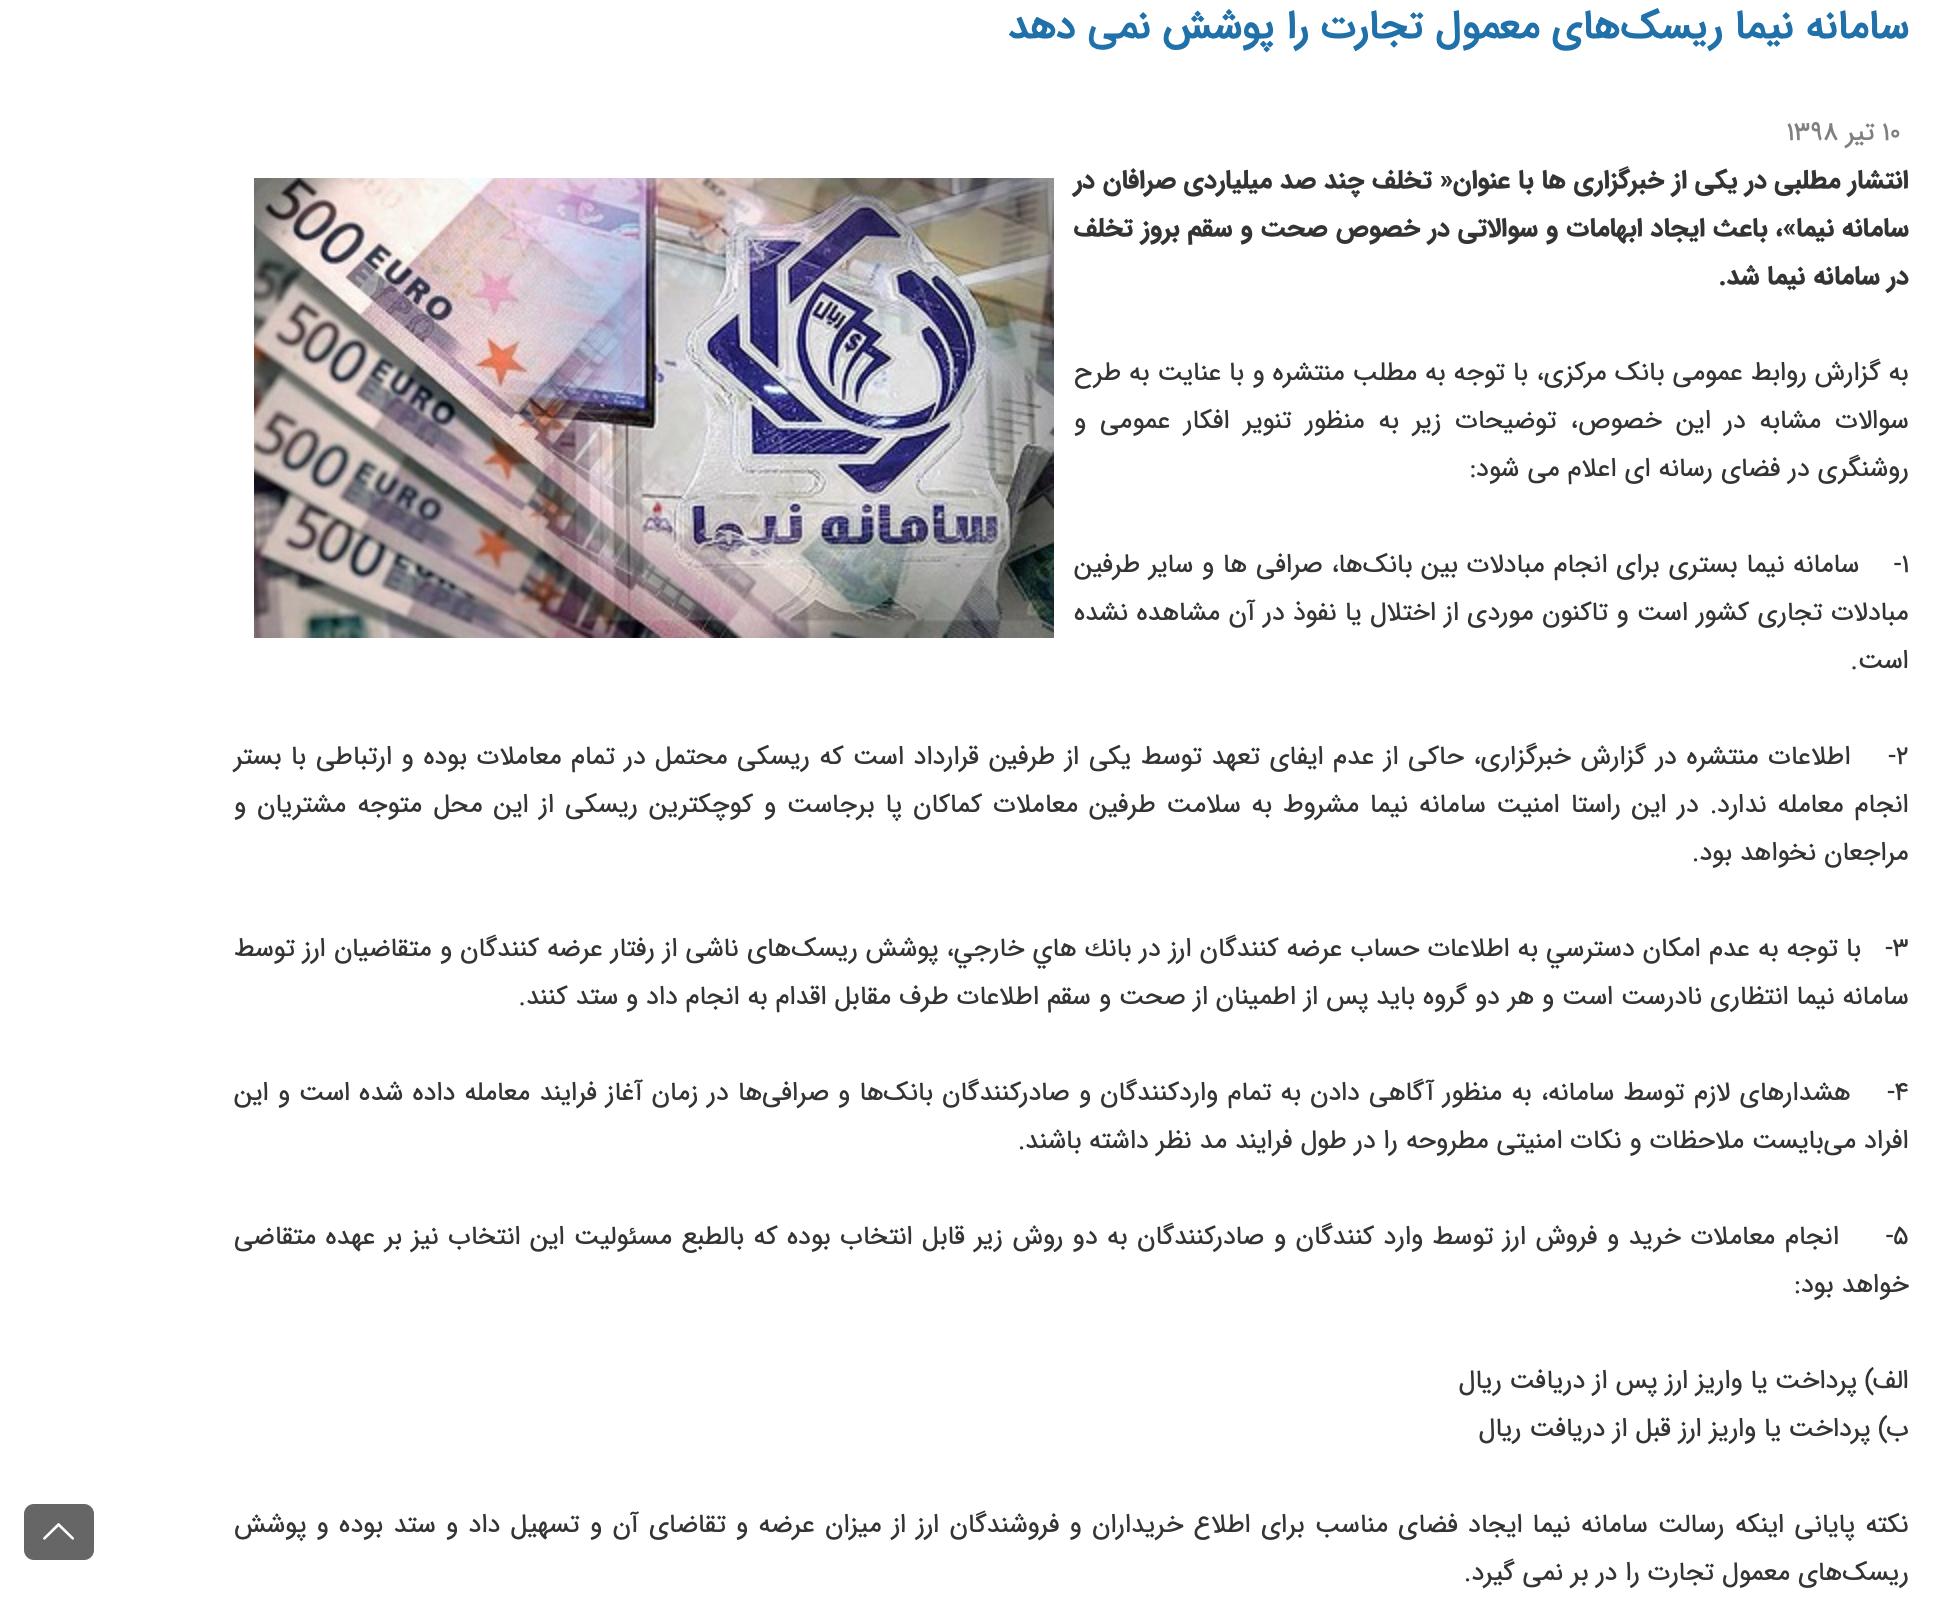 بانک مرکزی کلاهبرداری در سامانه نیما را «ریسک معمول تجارت» خواند! +تصویر